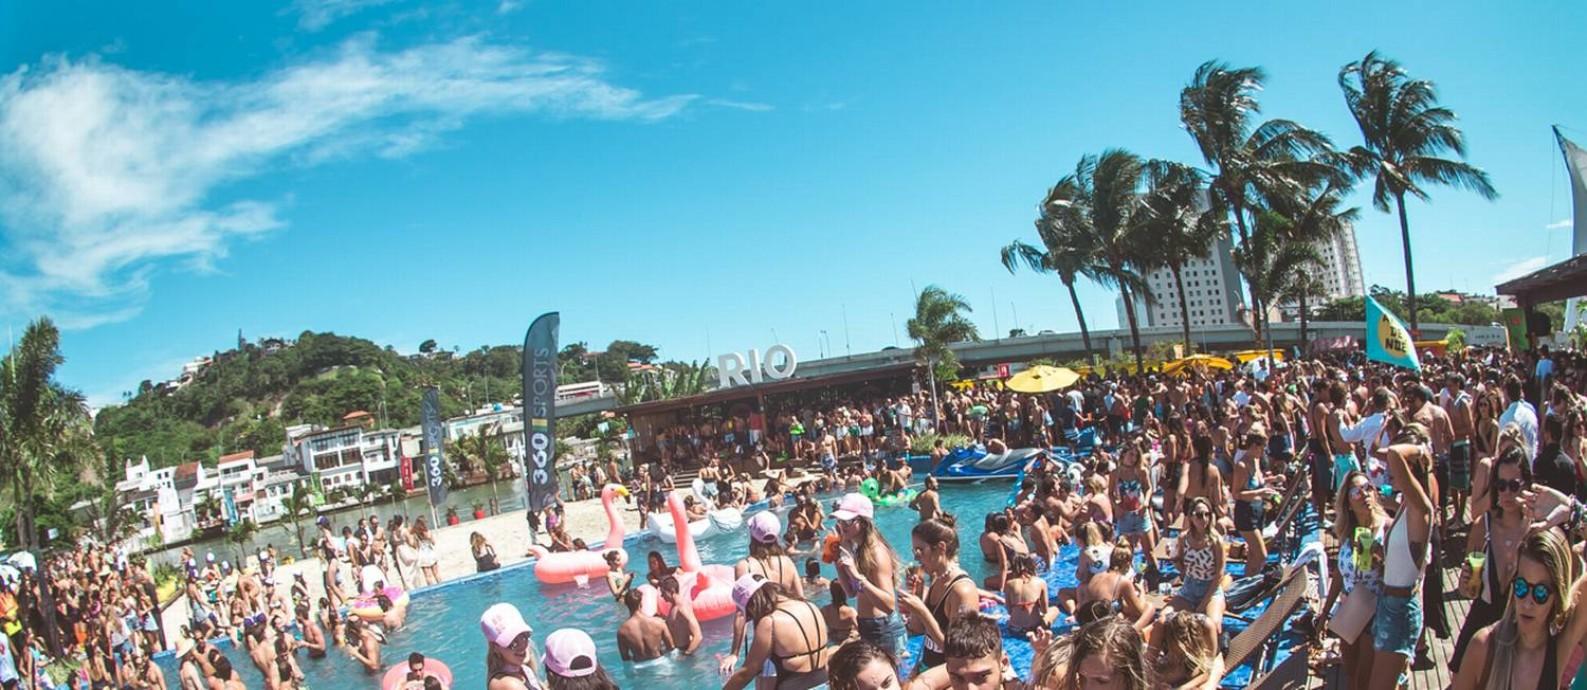 O Rio Beach Club, na Ilha da Coroa, na Barra Foto: I Hate Flash